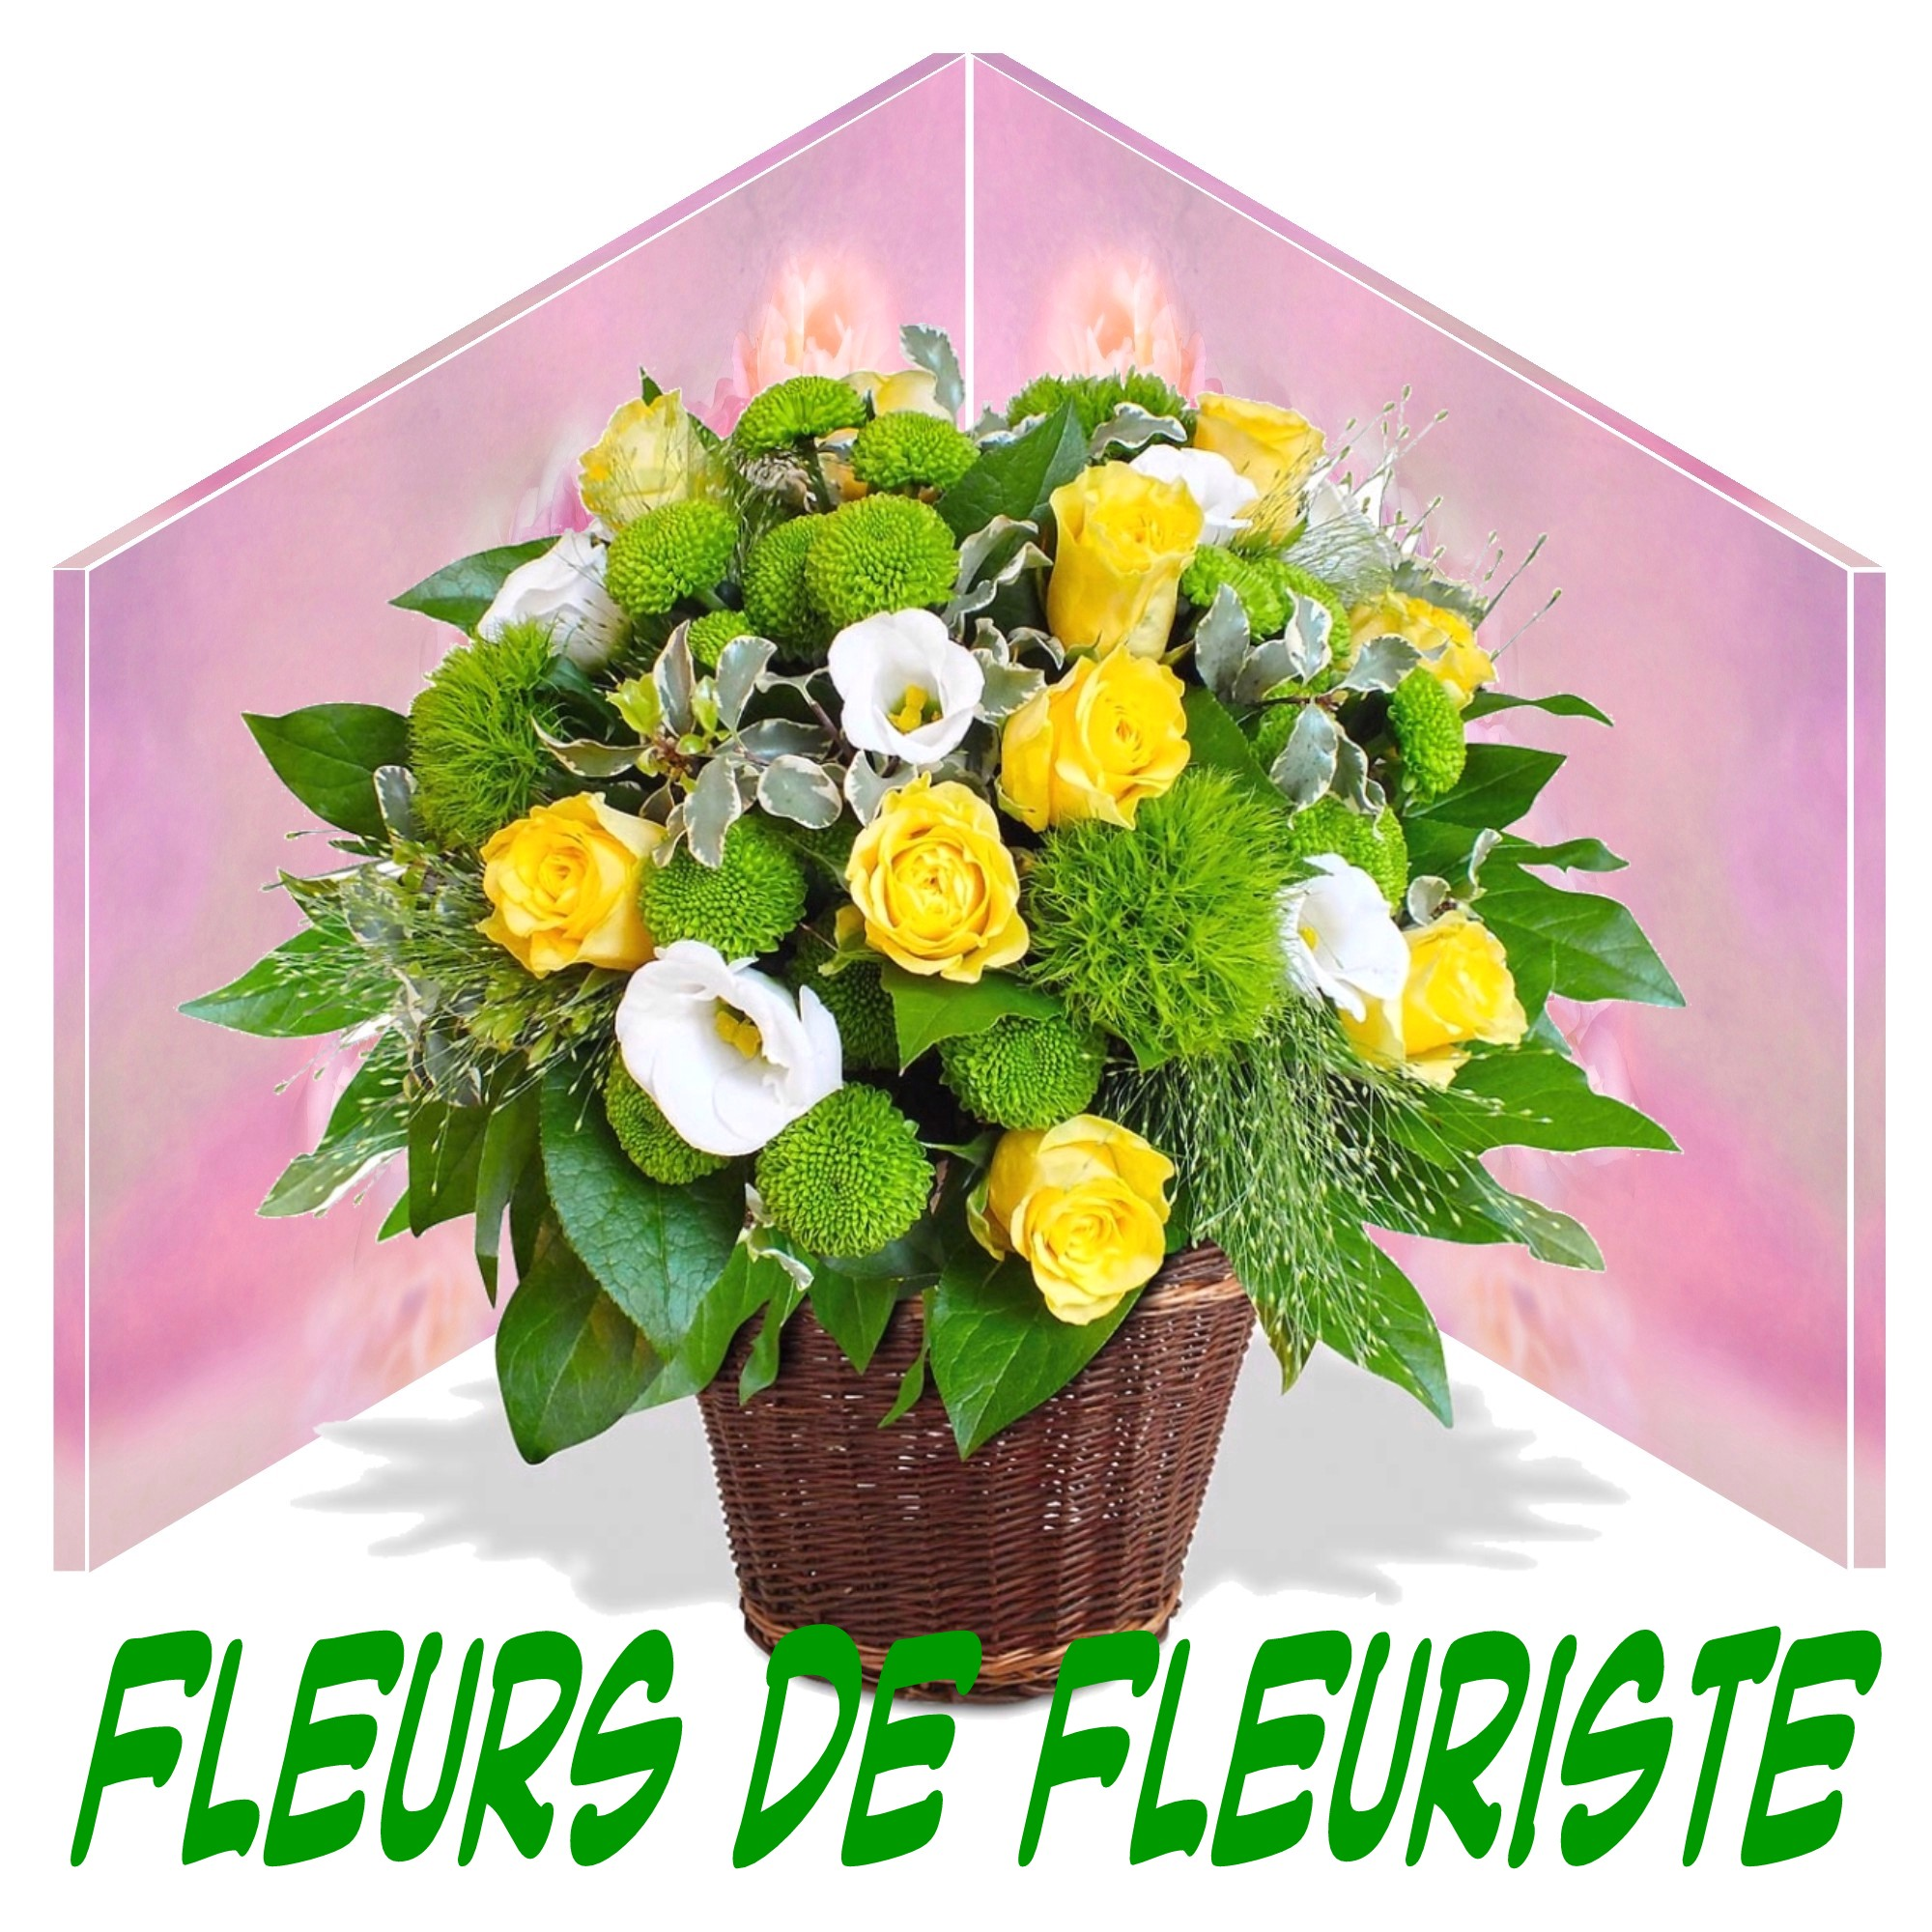 FLEURS PAR COULEURS